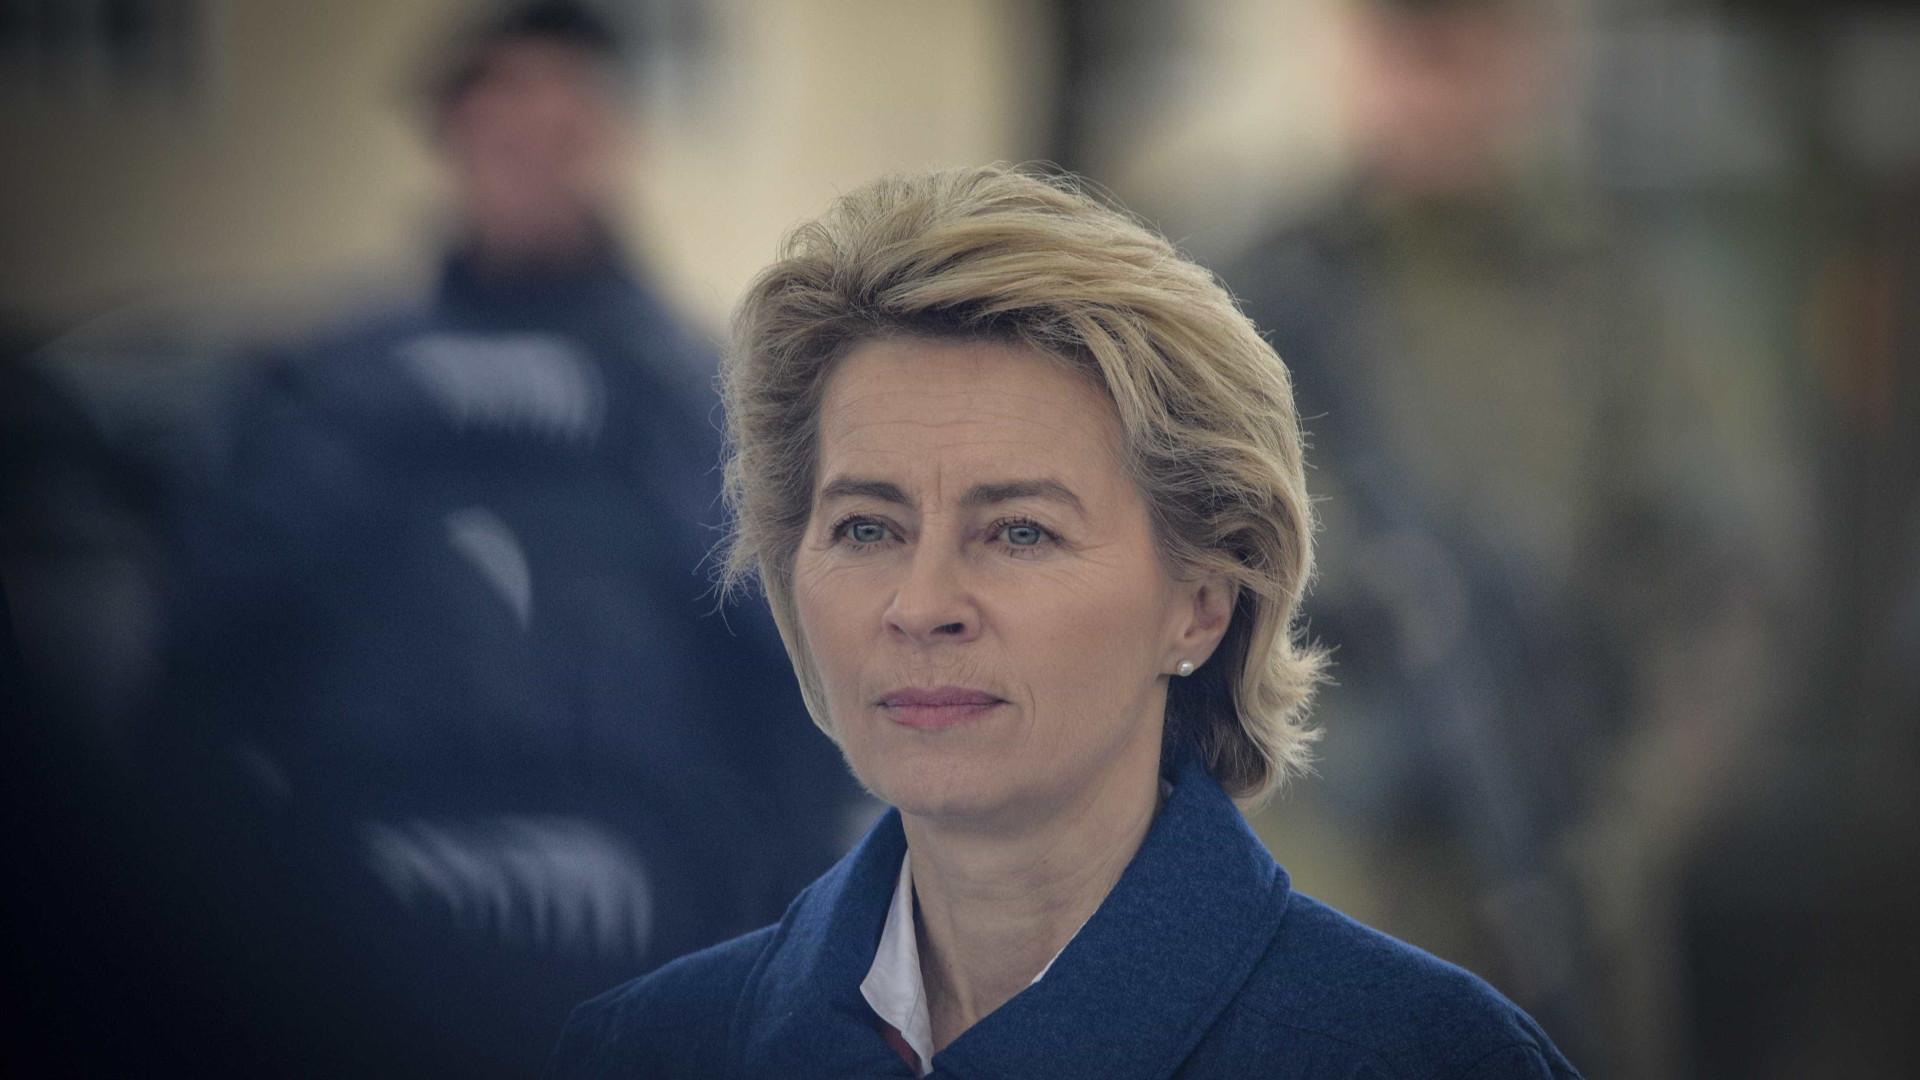 """Von der Leyen saúda Eurogrupo e Centeno por """"acordo crucial"""" para crise"""